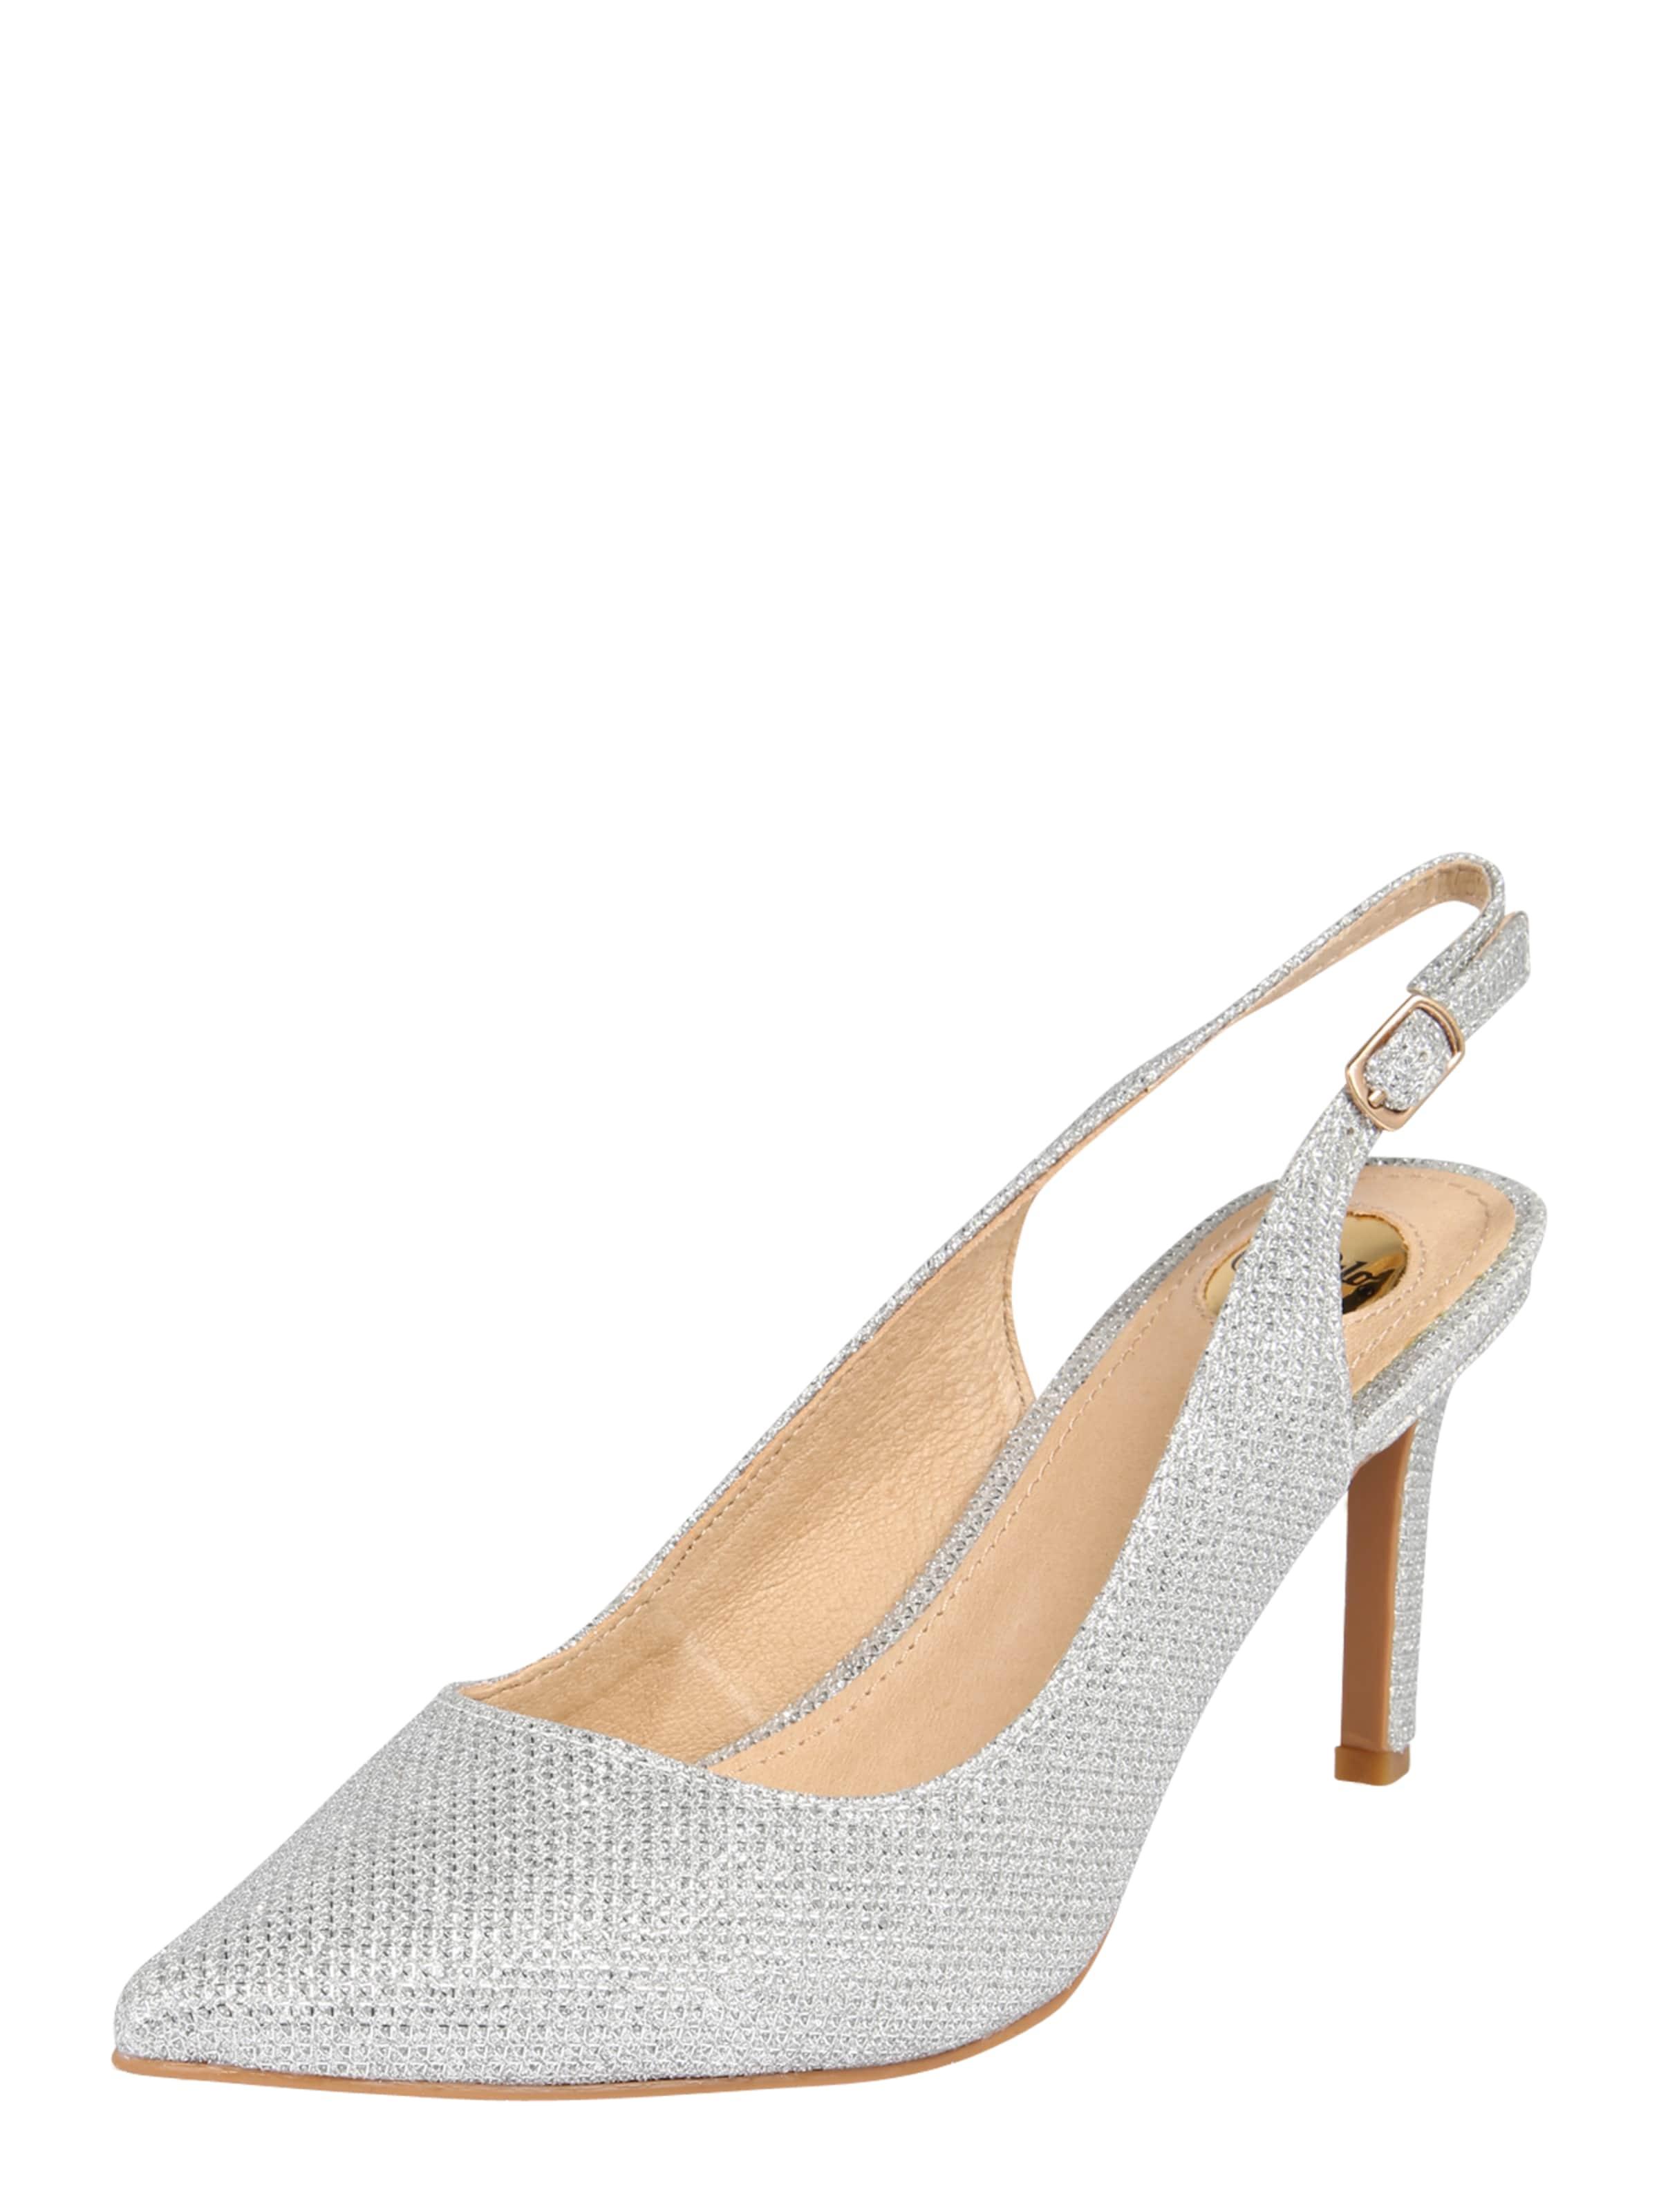 BUFFALO Sling-Pumps Verschleißfeste billige Schuhe Hohe Qualität